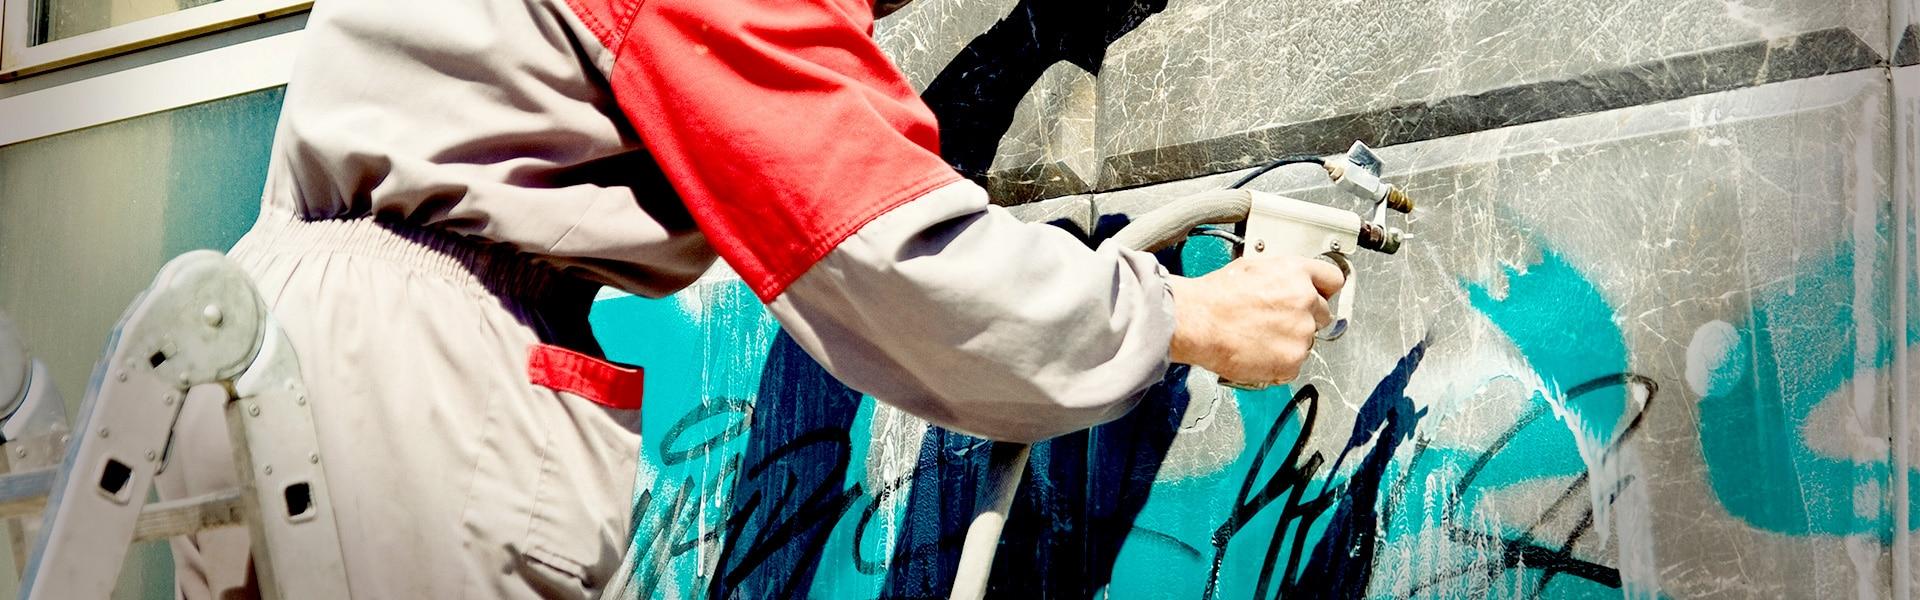 rk_head_graffitireinigung